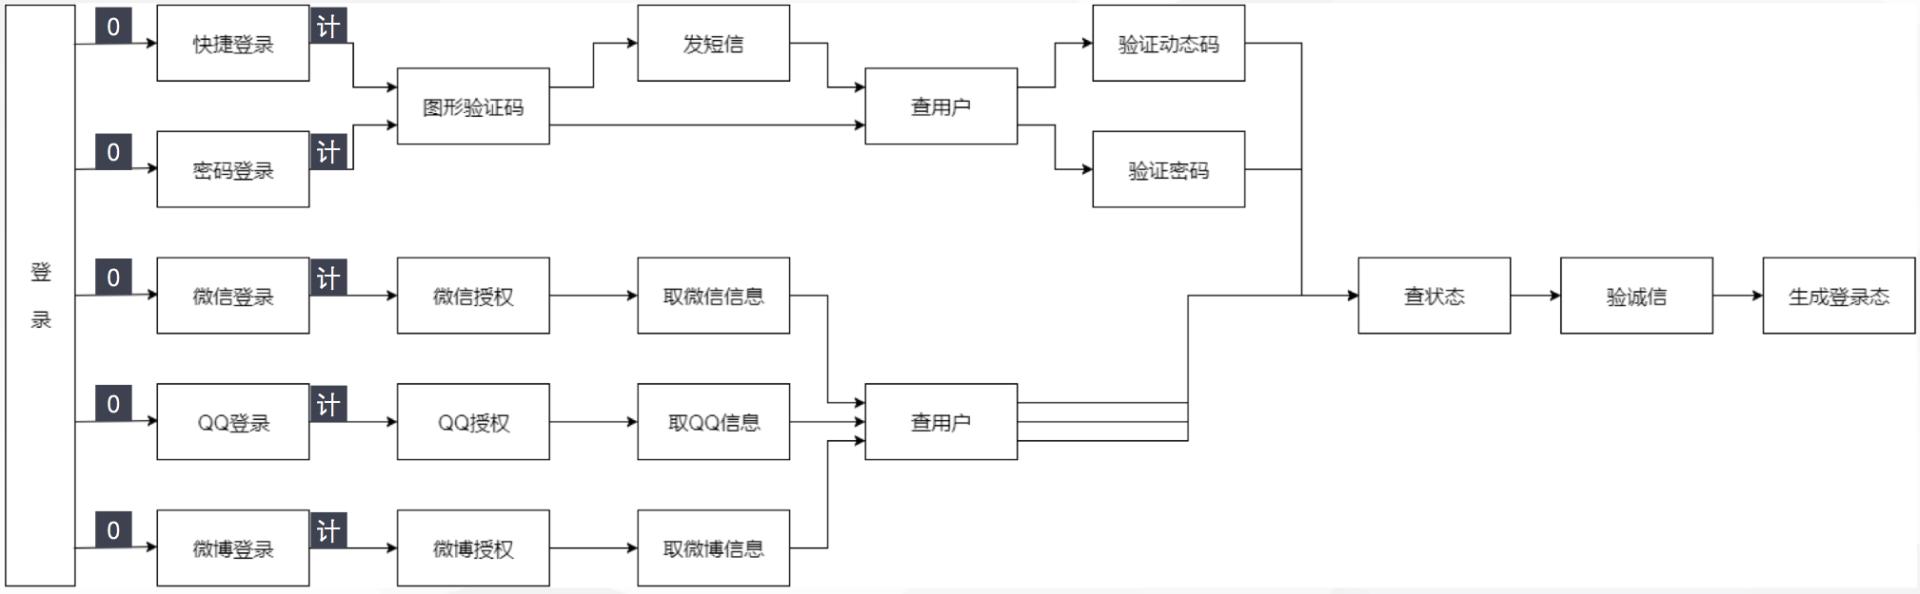 登录降级流程图